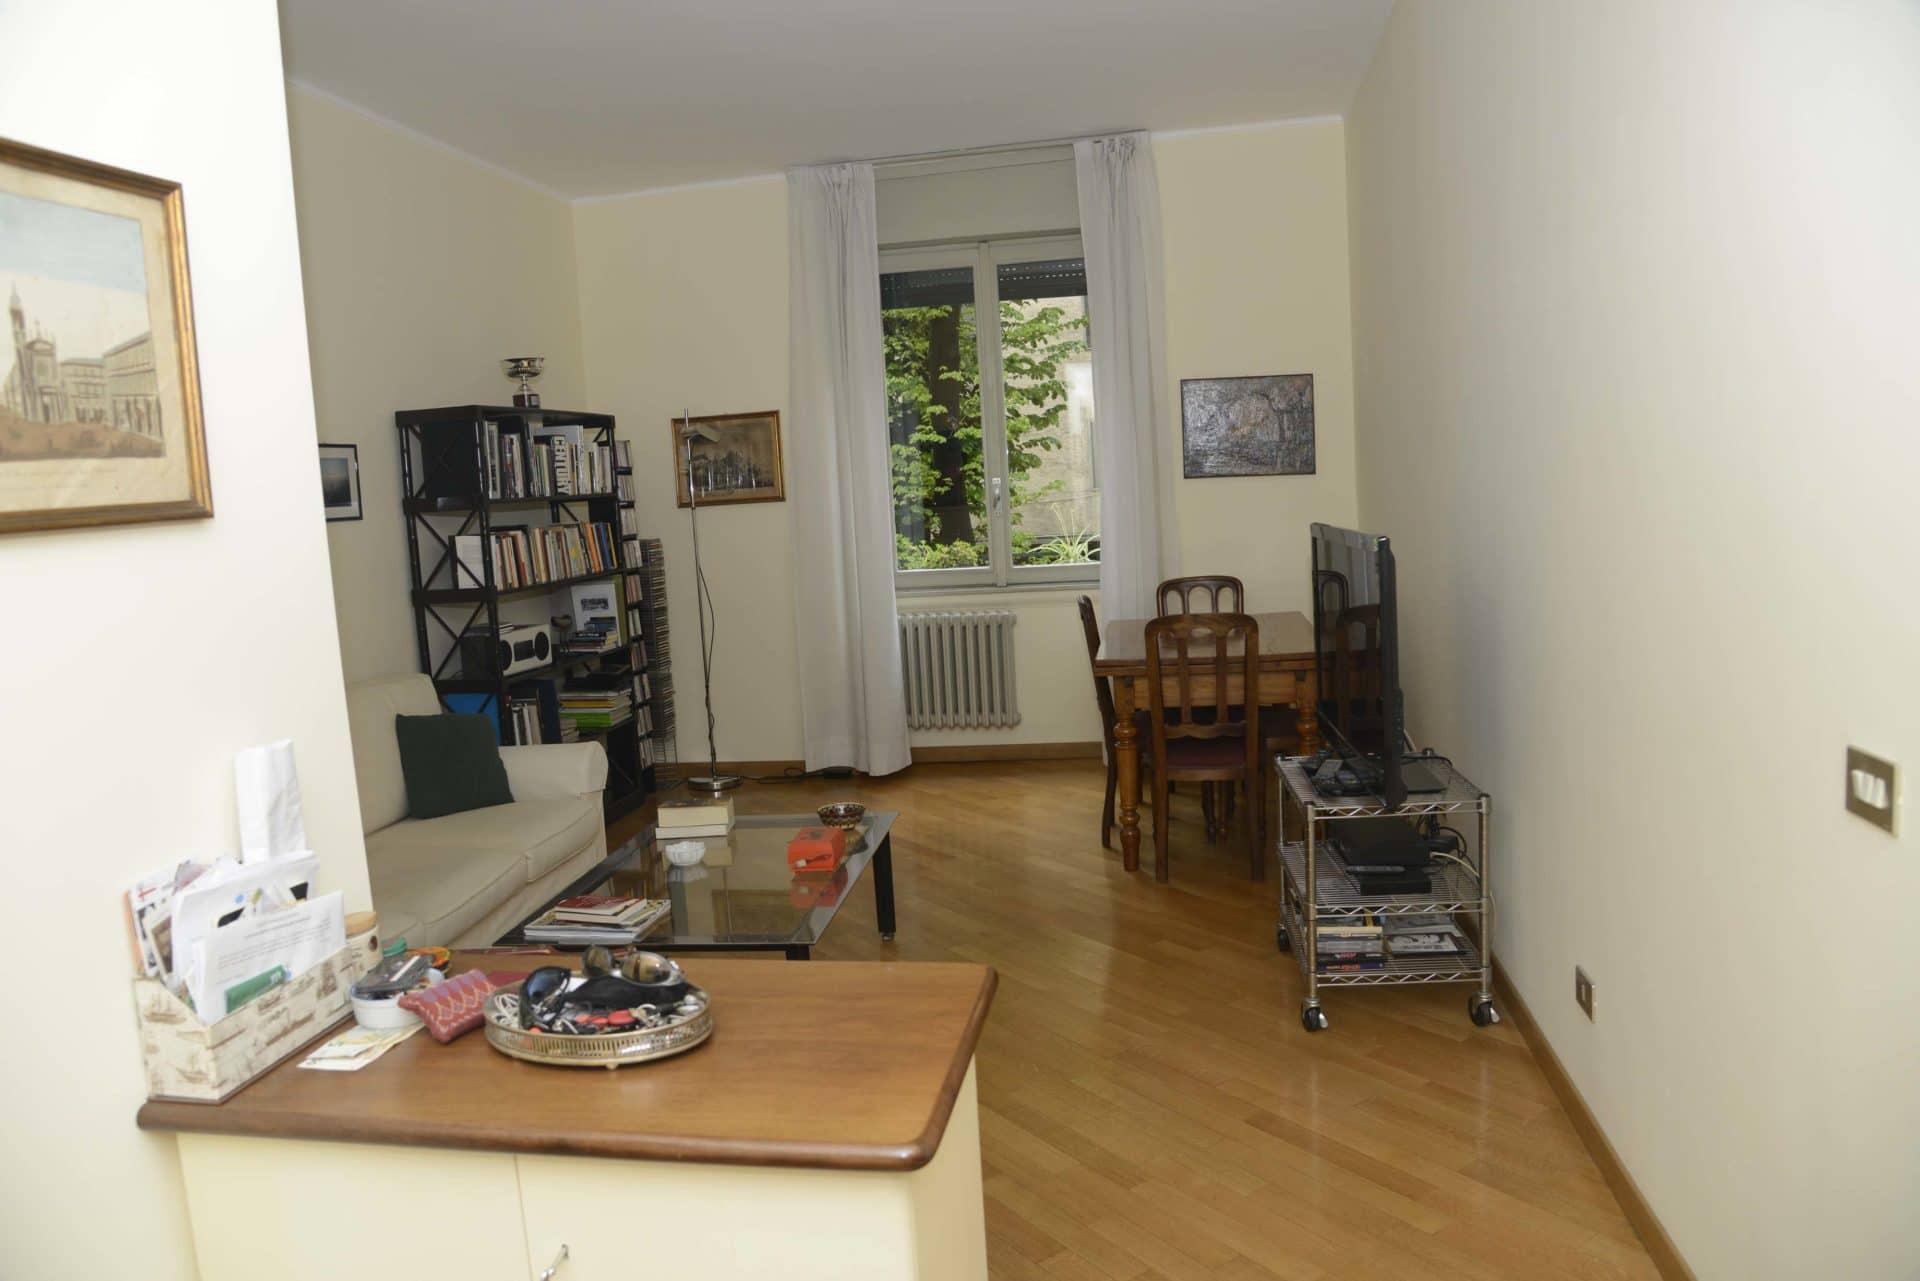 Appartamento per vacanze a milano con bambini le stanze - Disposizione stanze casa ...